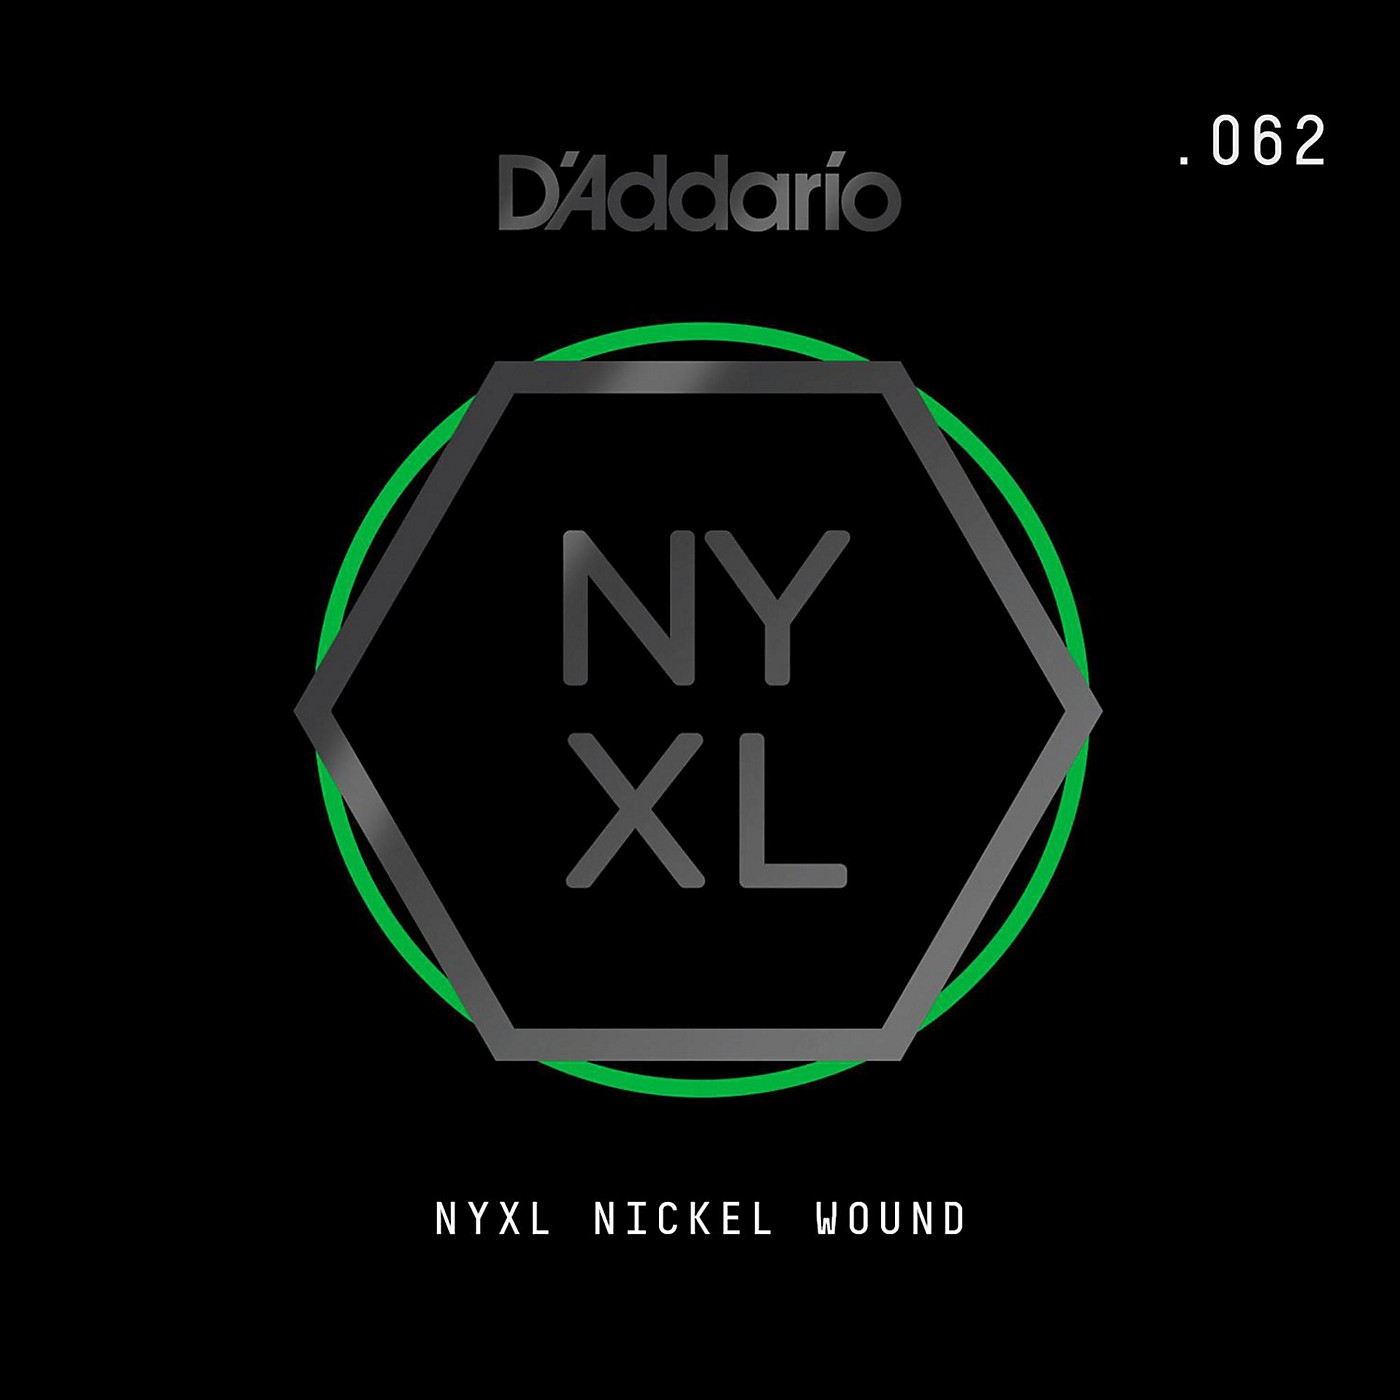 D'Addario NYNW062 NYXL Nickel Wound Electric Guitar Single String, .062 thumbnail